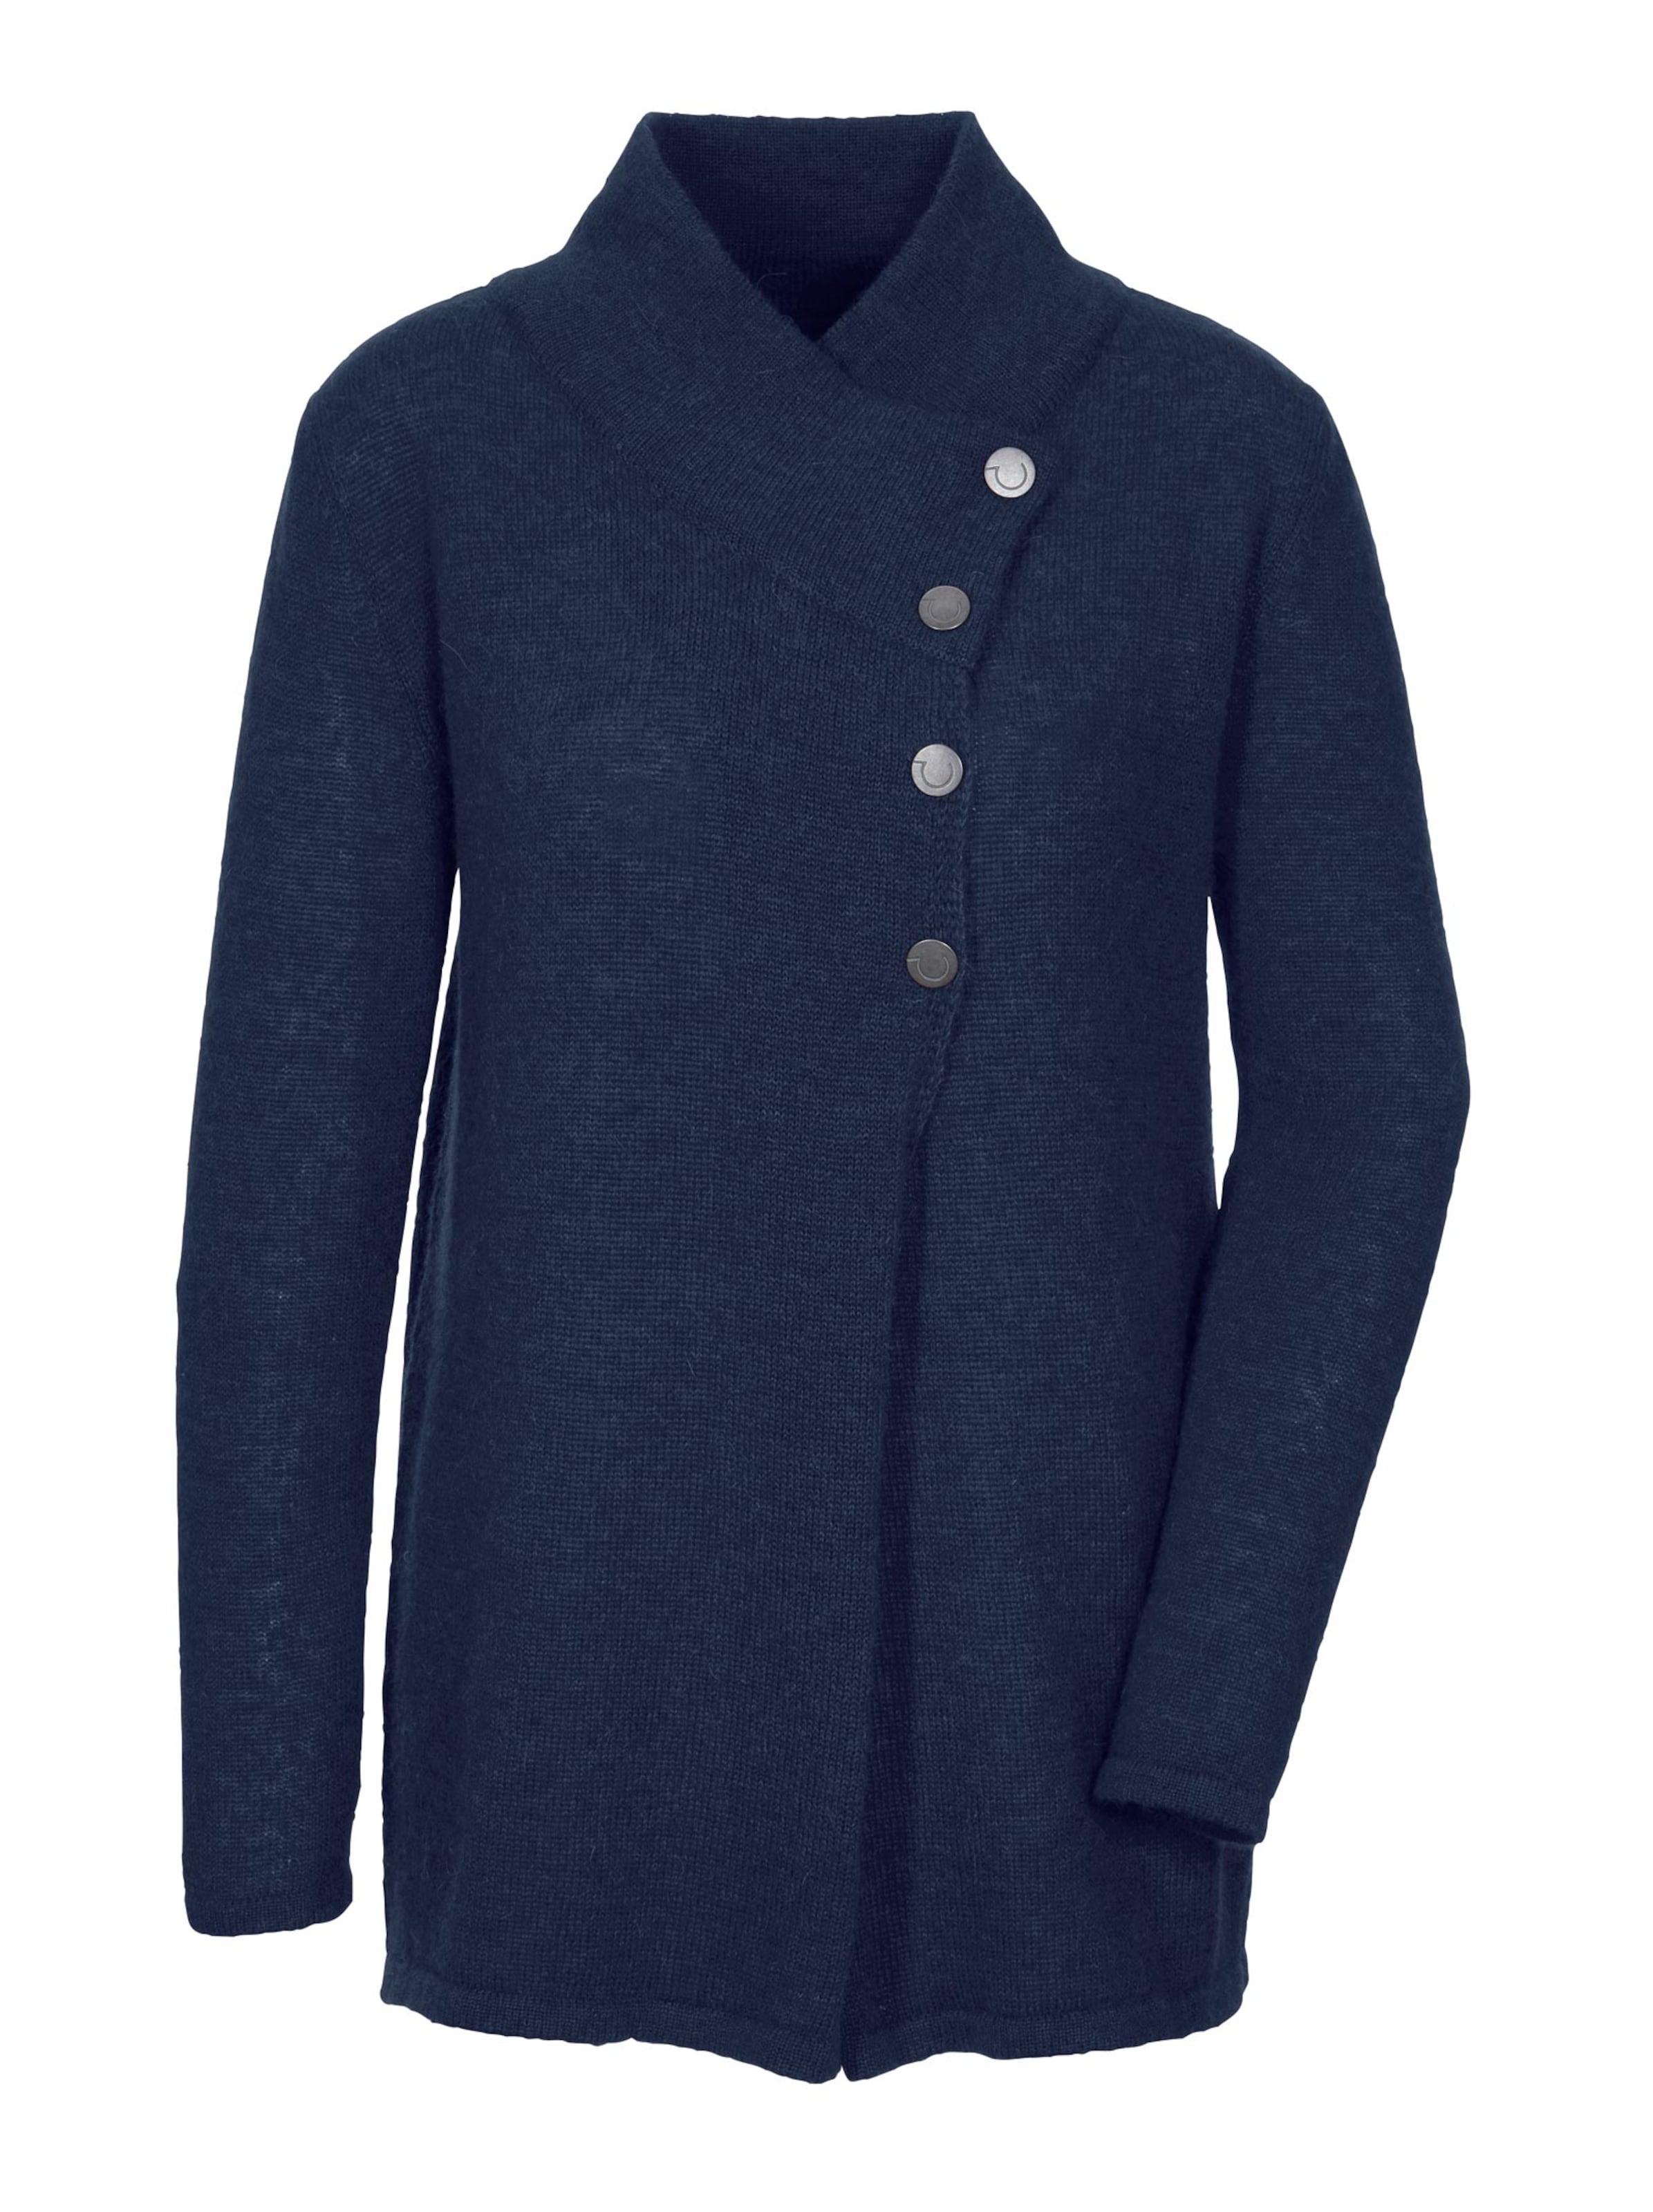 creation l premium - Witt Weiden Damen Woll-Alpaka-Pullover marine